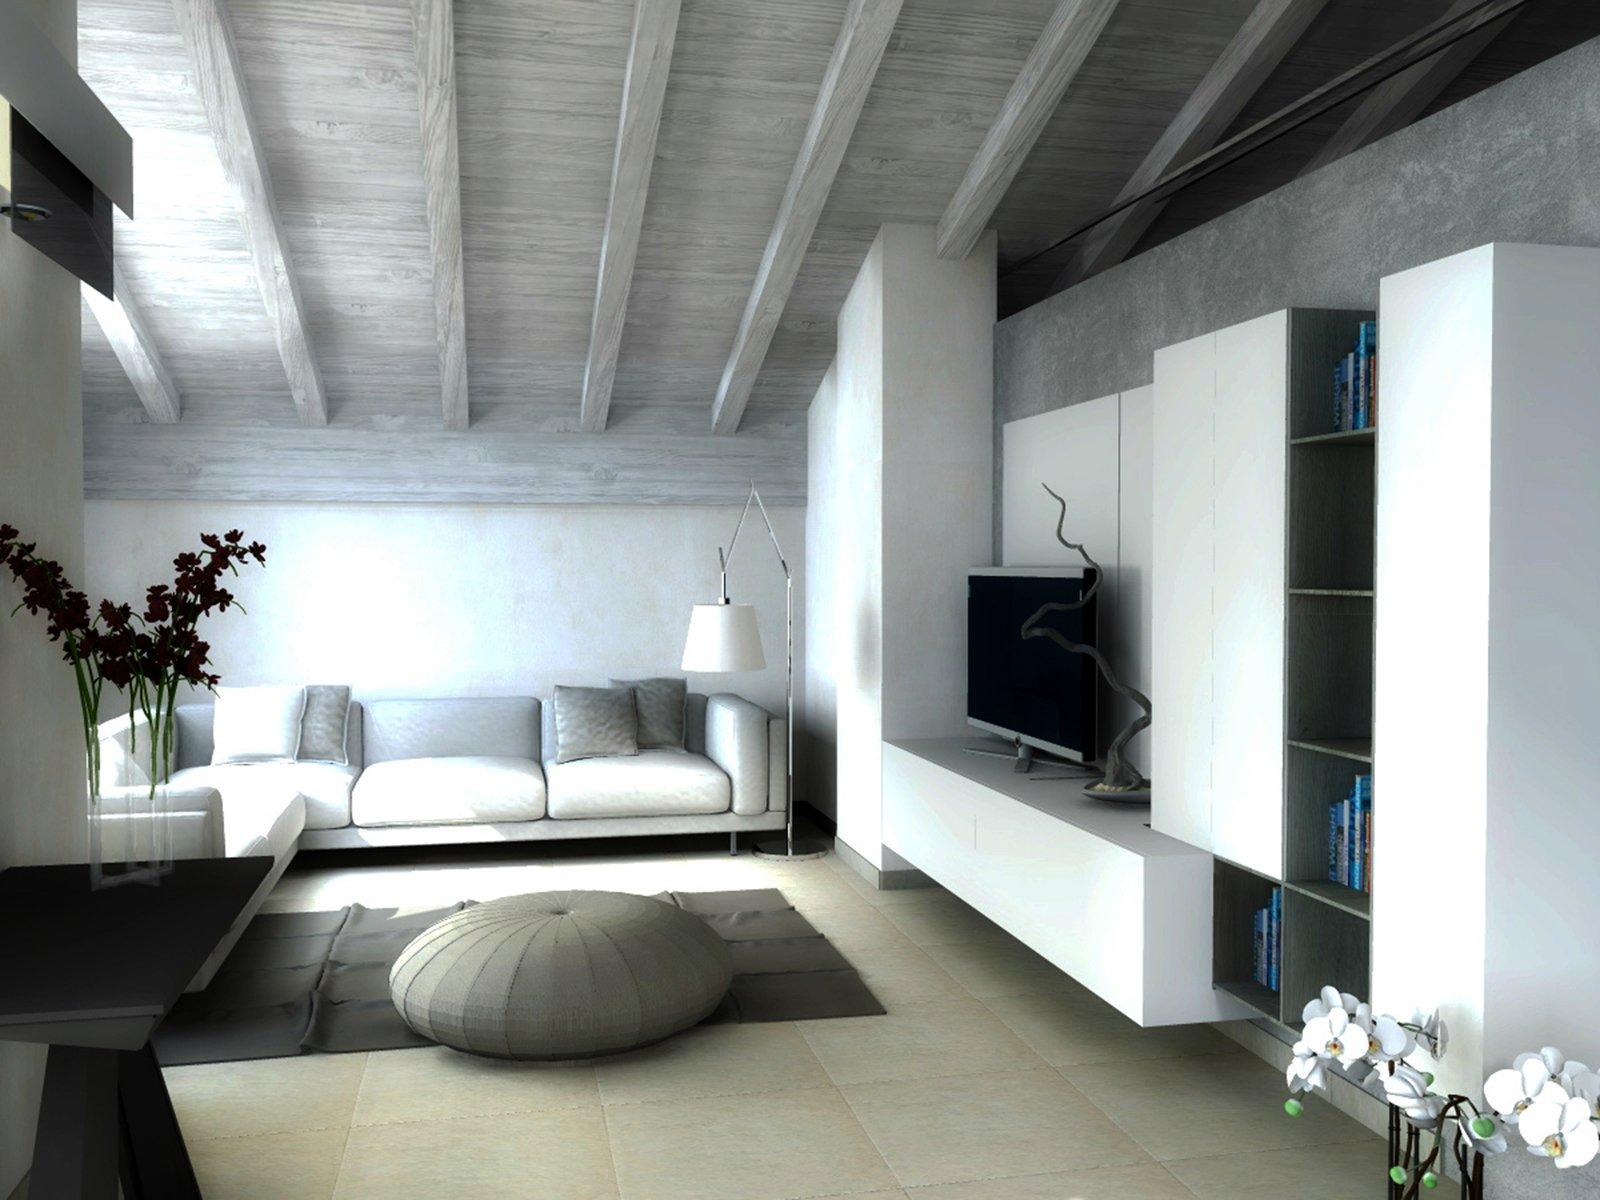 casabook immobiliare una mansarda di nuova costruzione